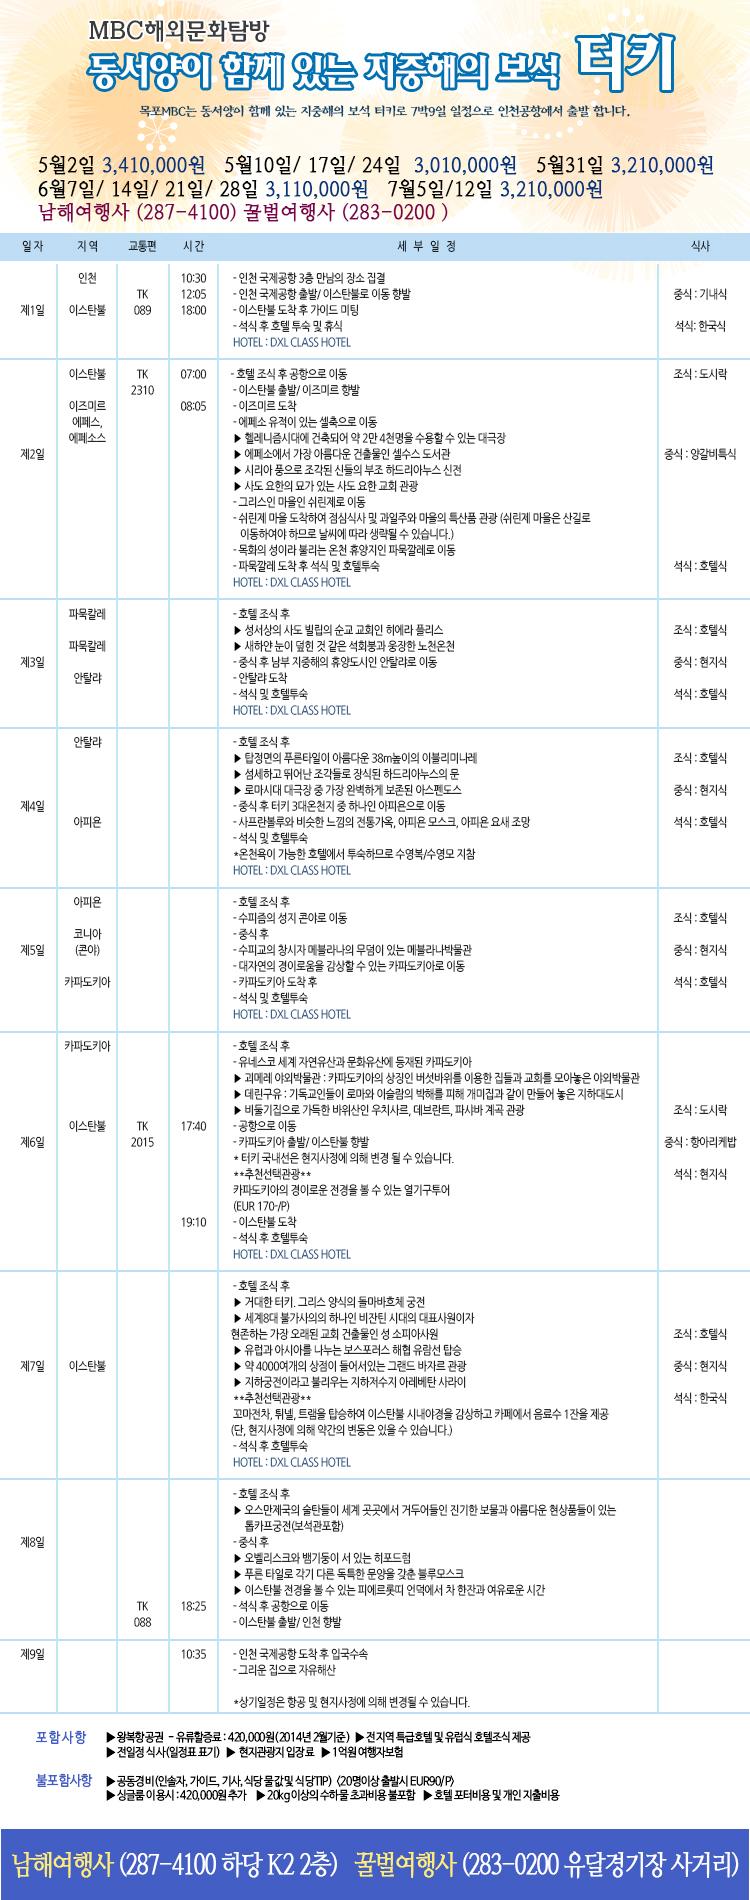 MBC해외문화탐방 터키 오스만제국 행사정보